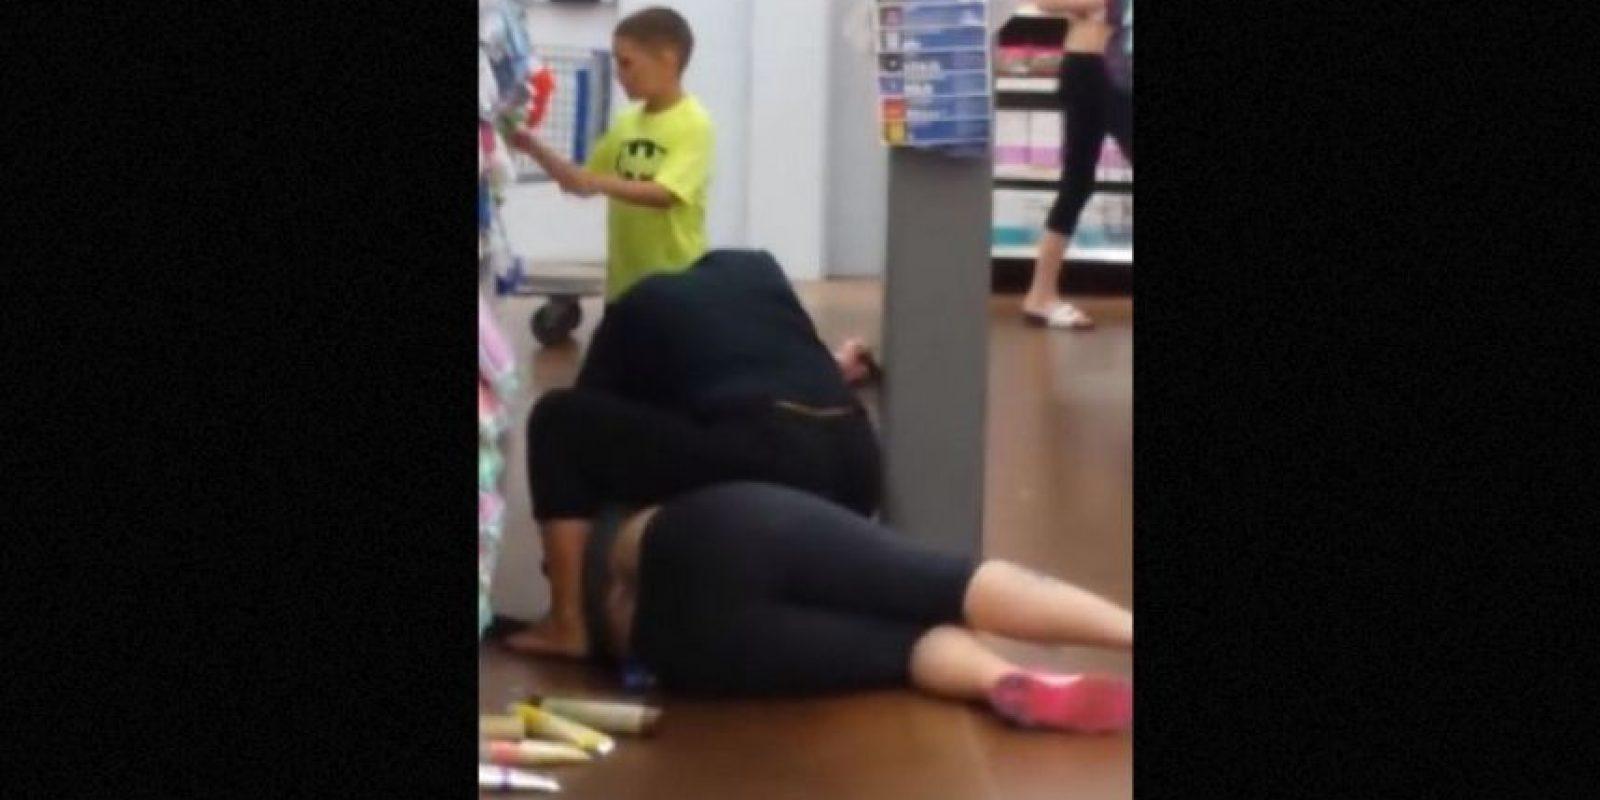 4. Niño se une a su madre para pegarle a otra mujer en supermercado Foto:vía Youtube/Richard Marye